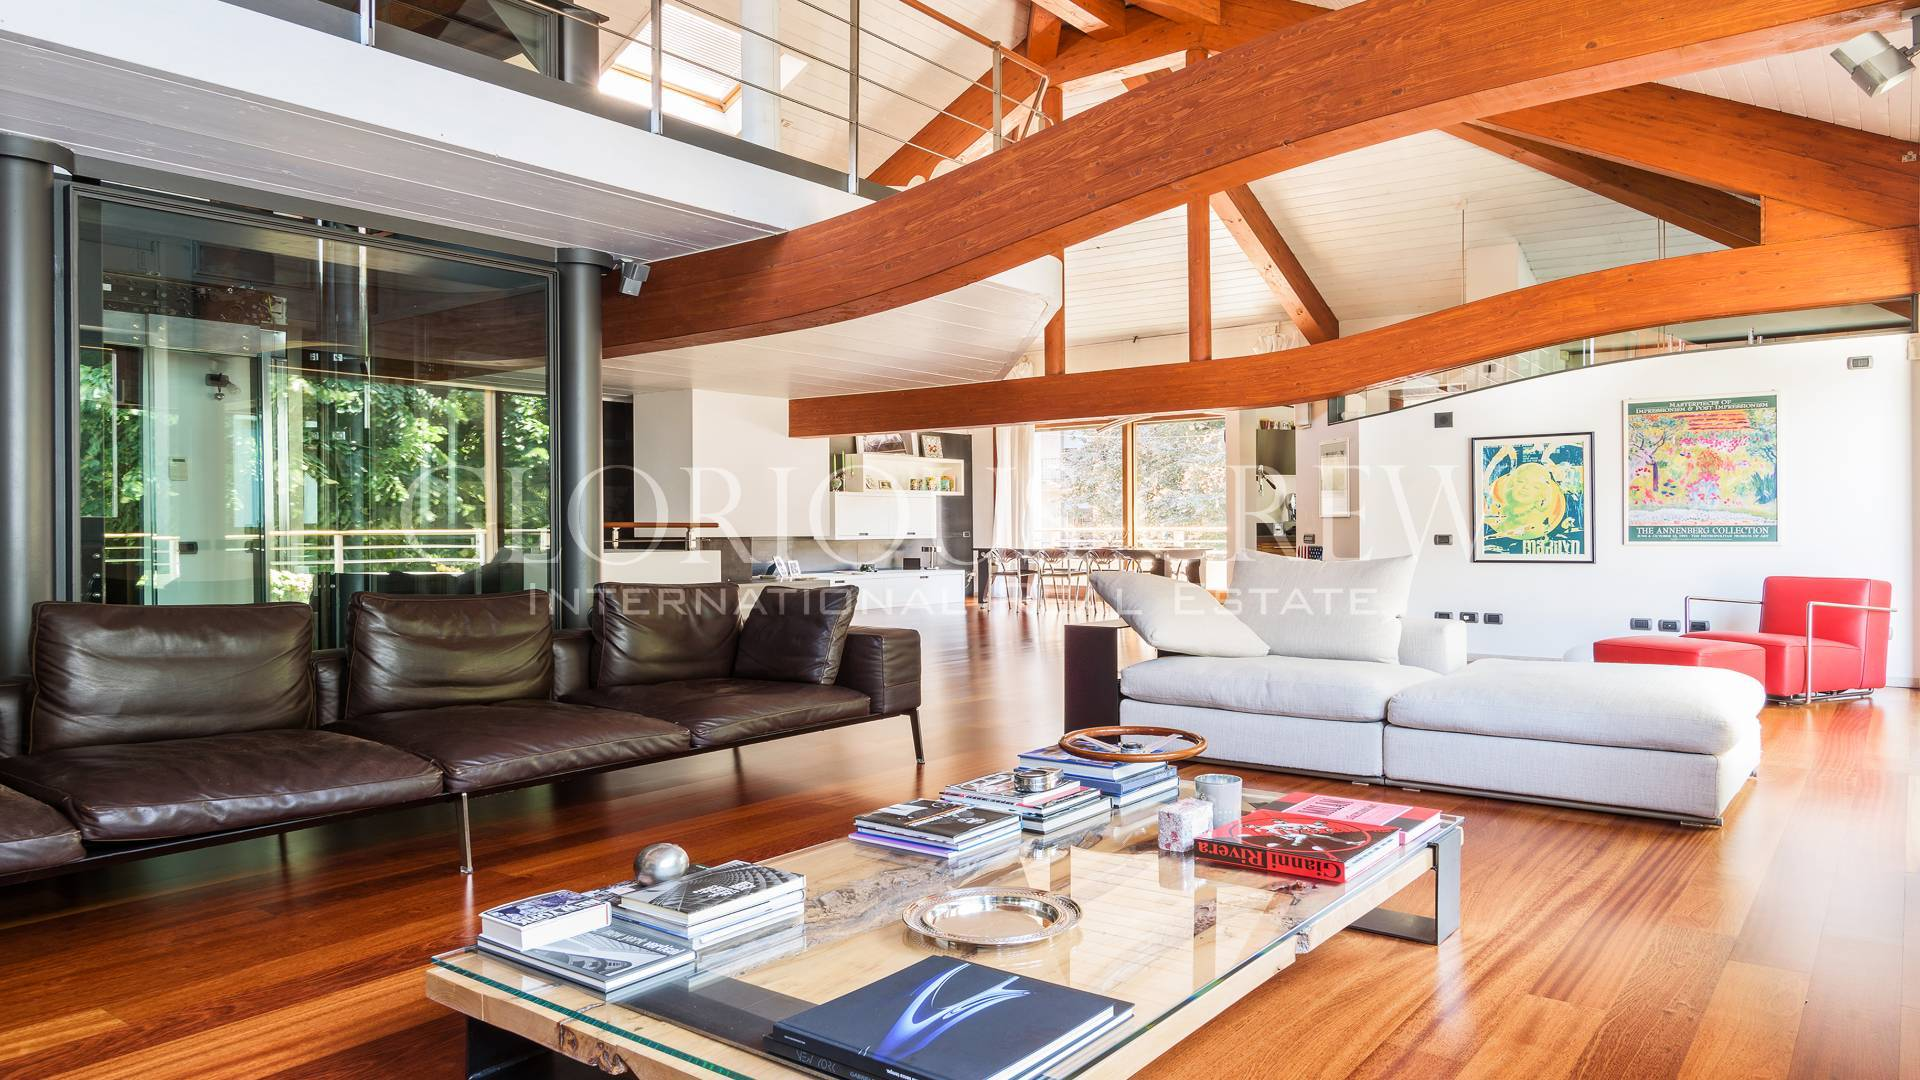 Villa in Vendita a Monza: 5 locali, 1300 mq - Foto 5